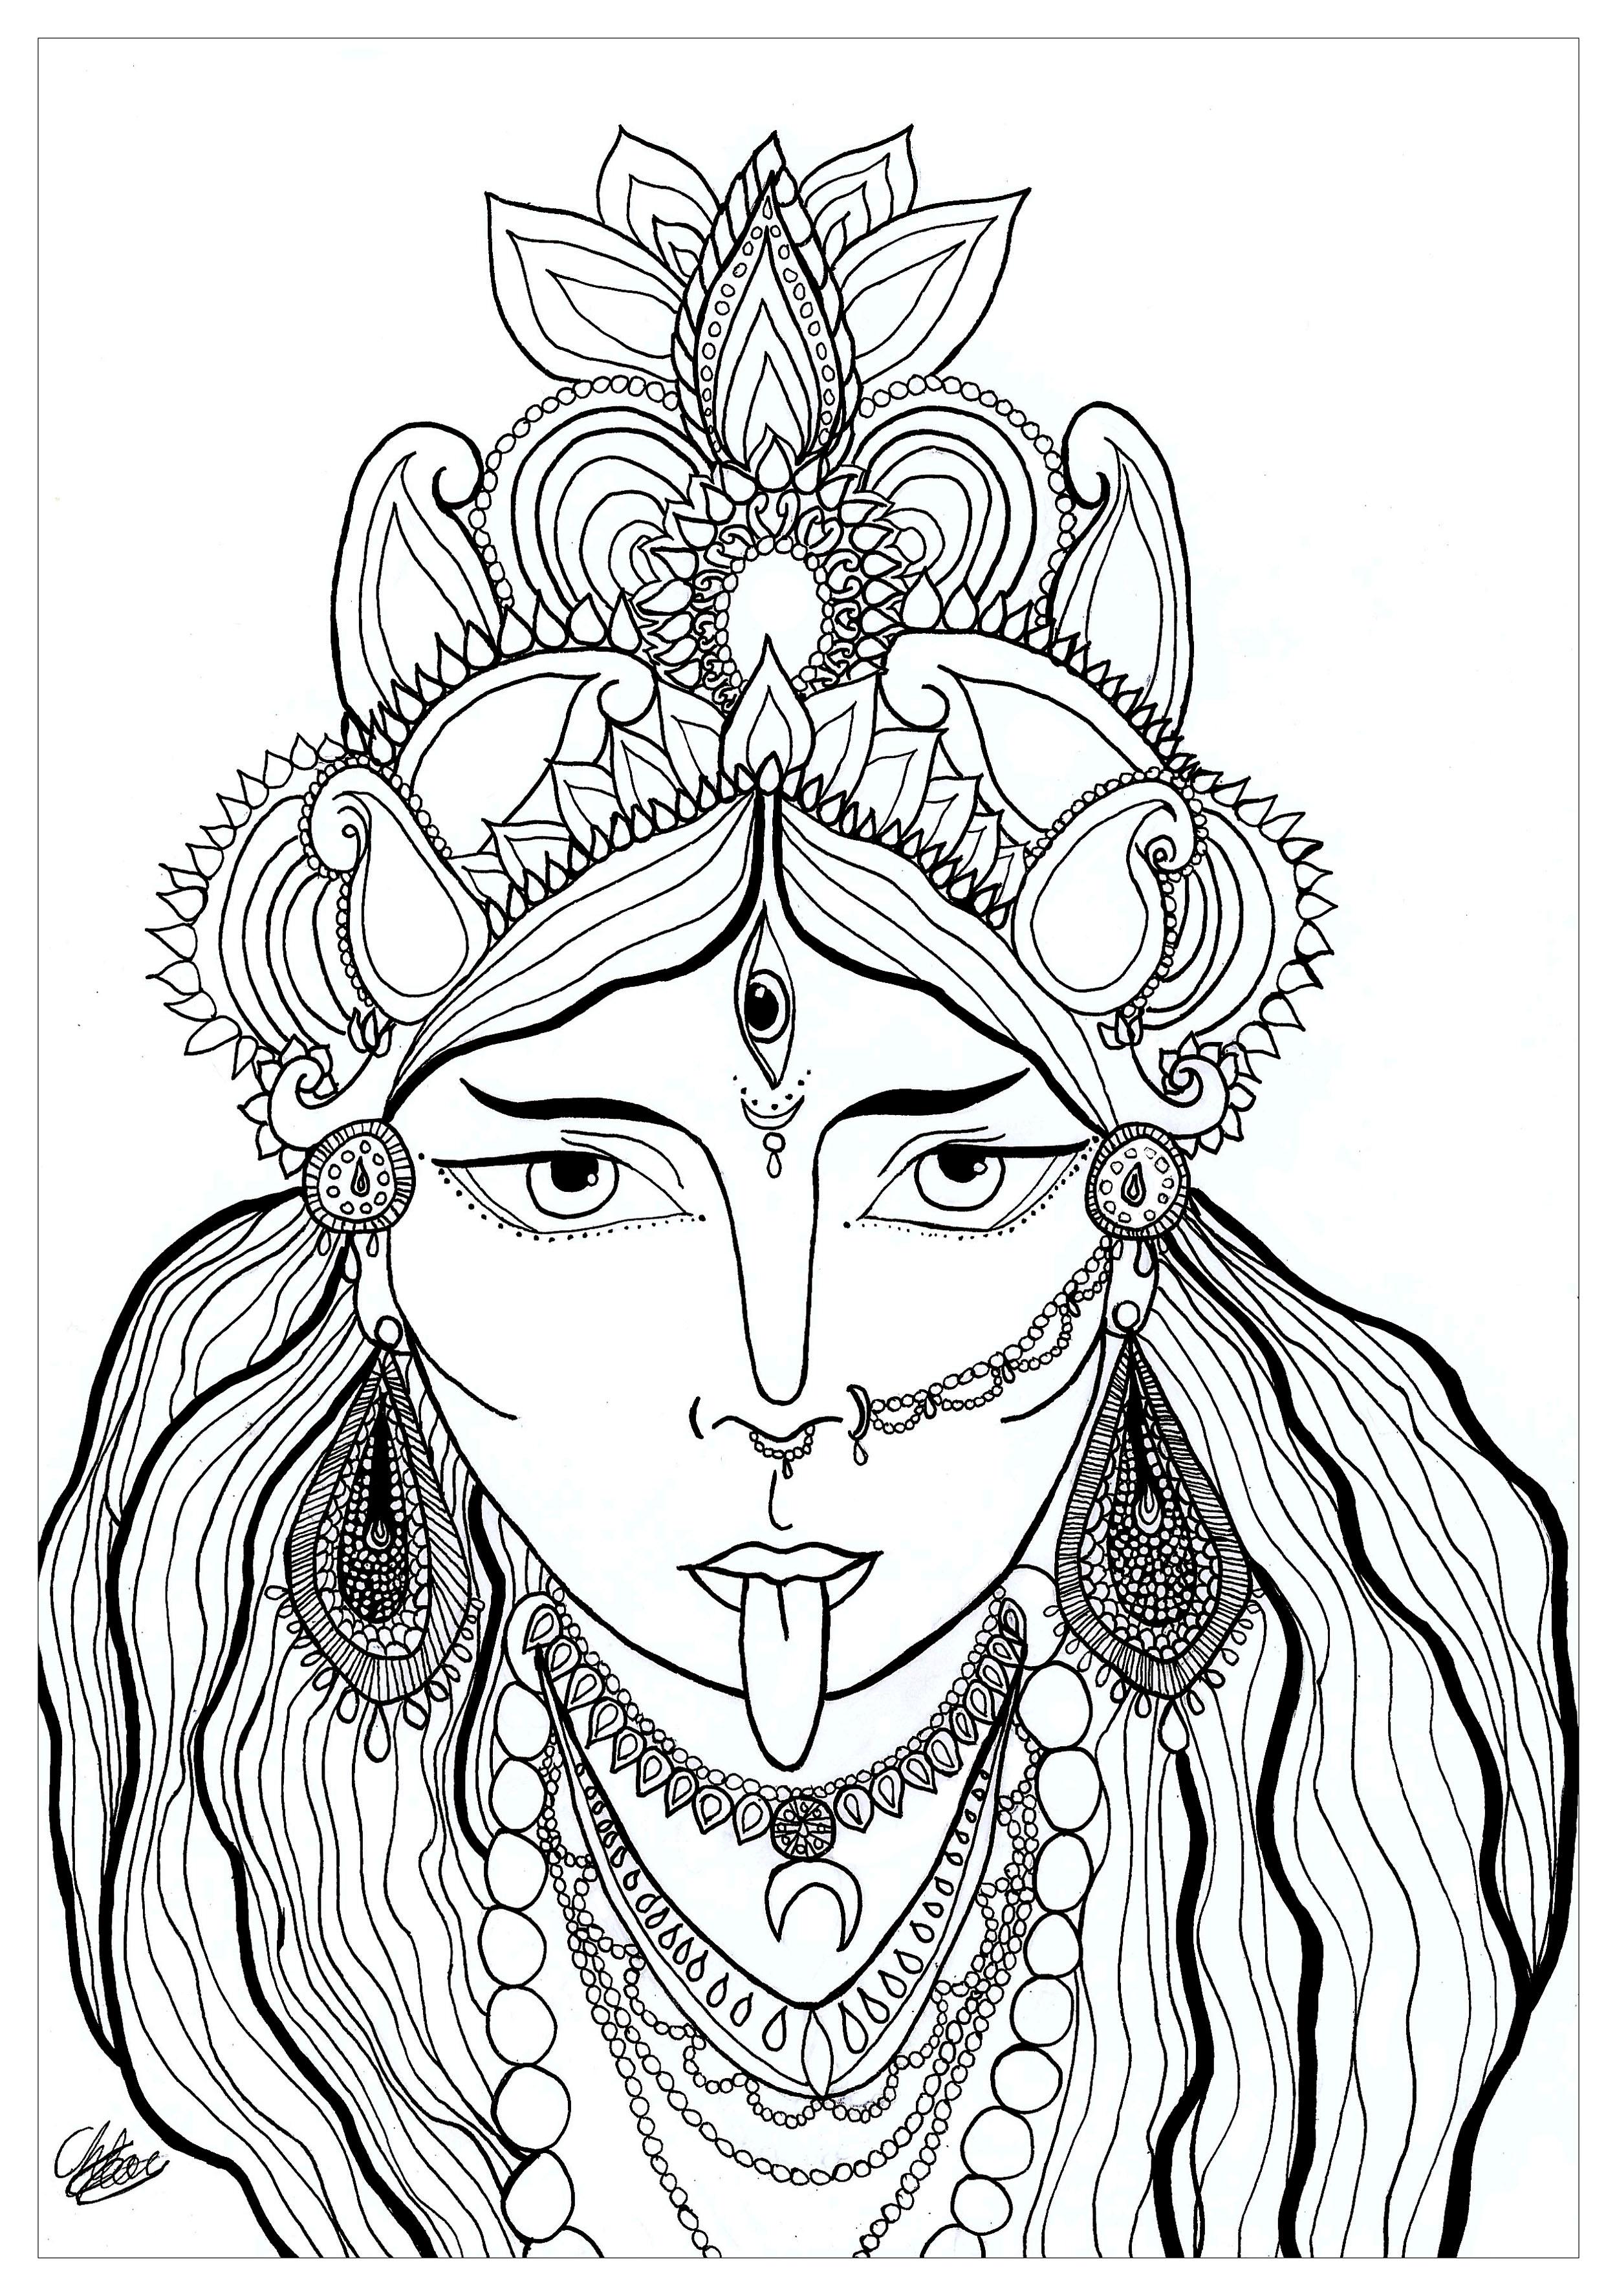 Disegni da colorare per adulti : India e bollywood - 39